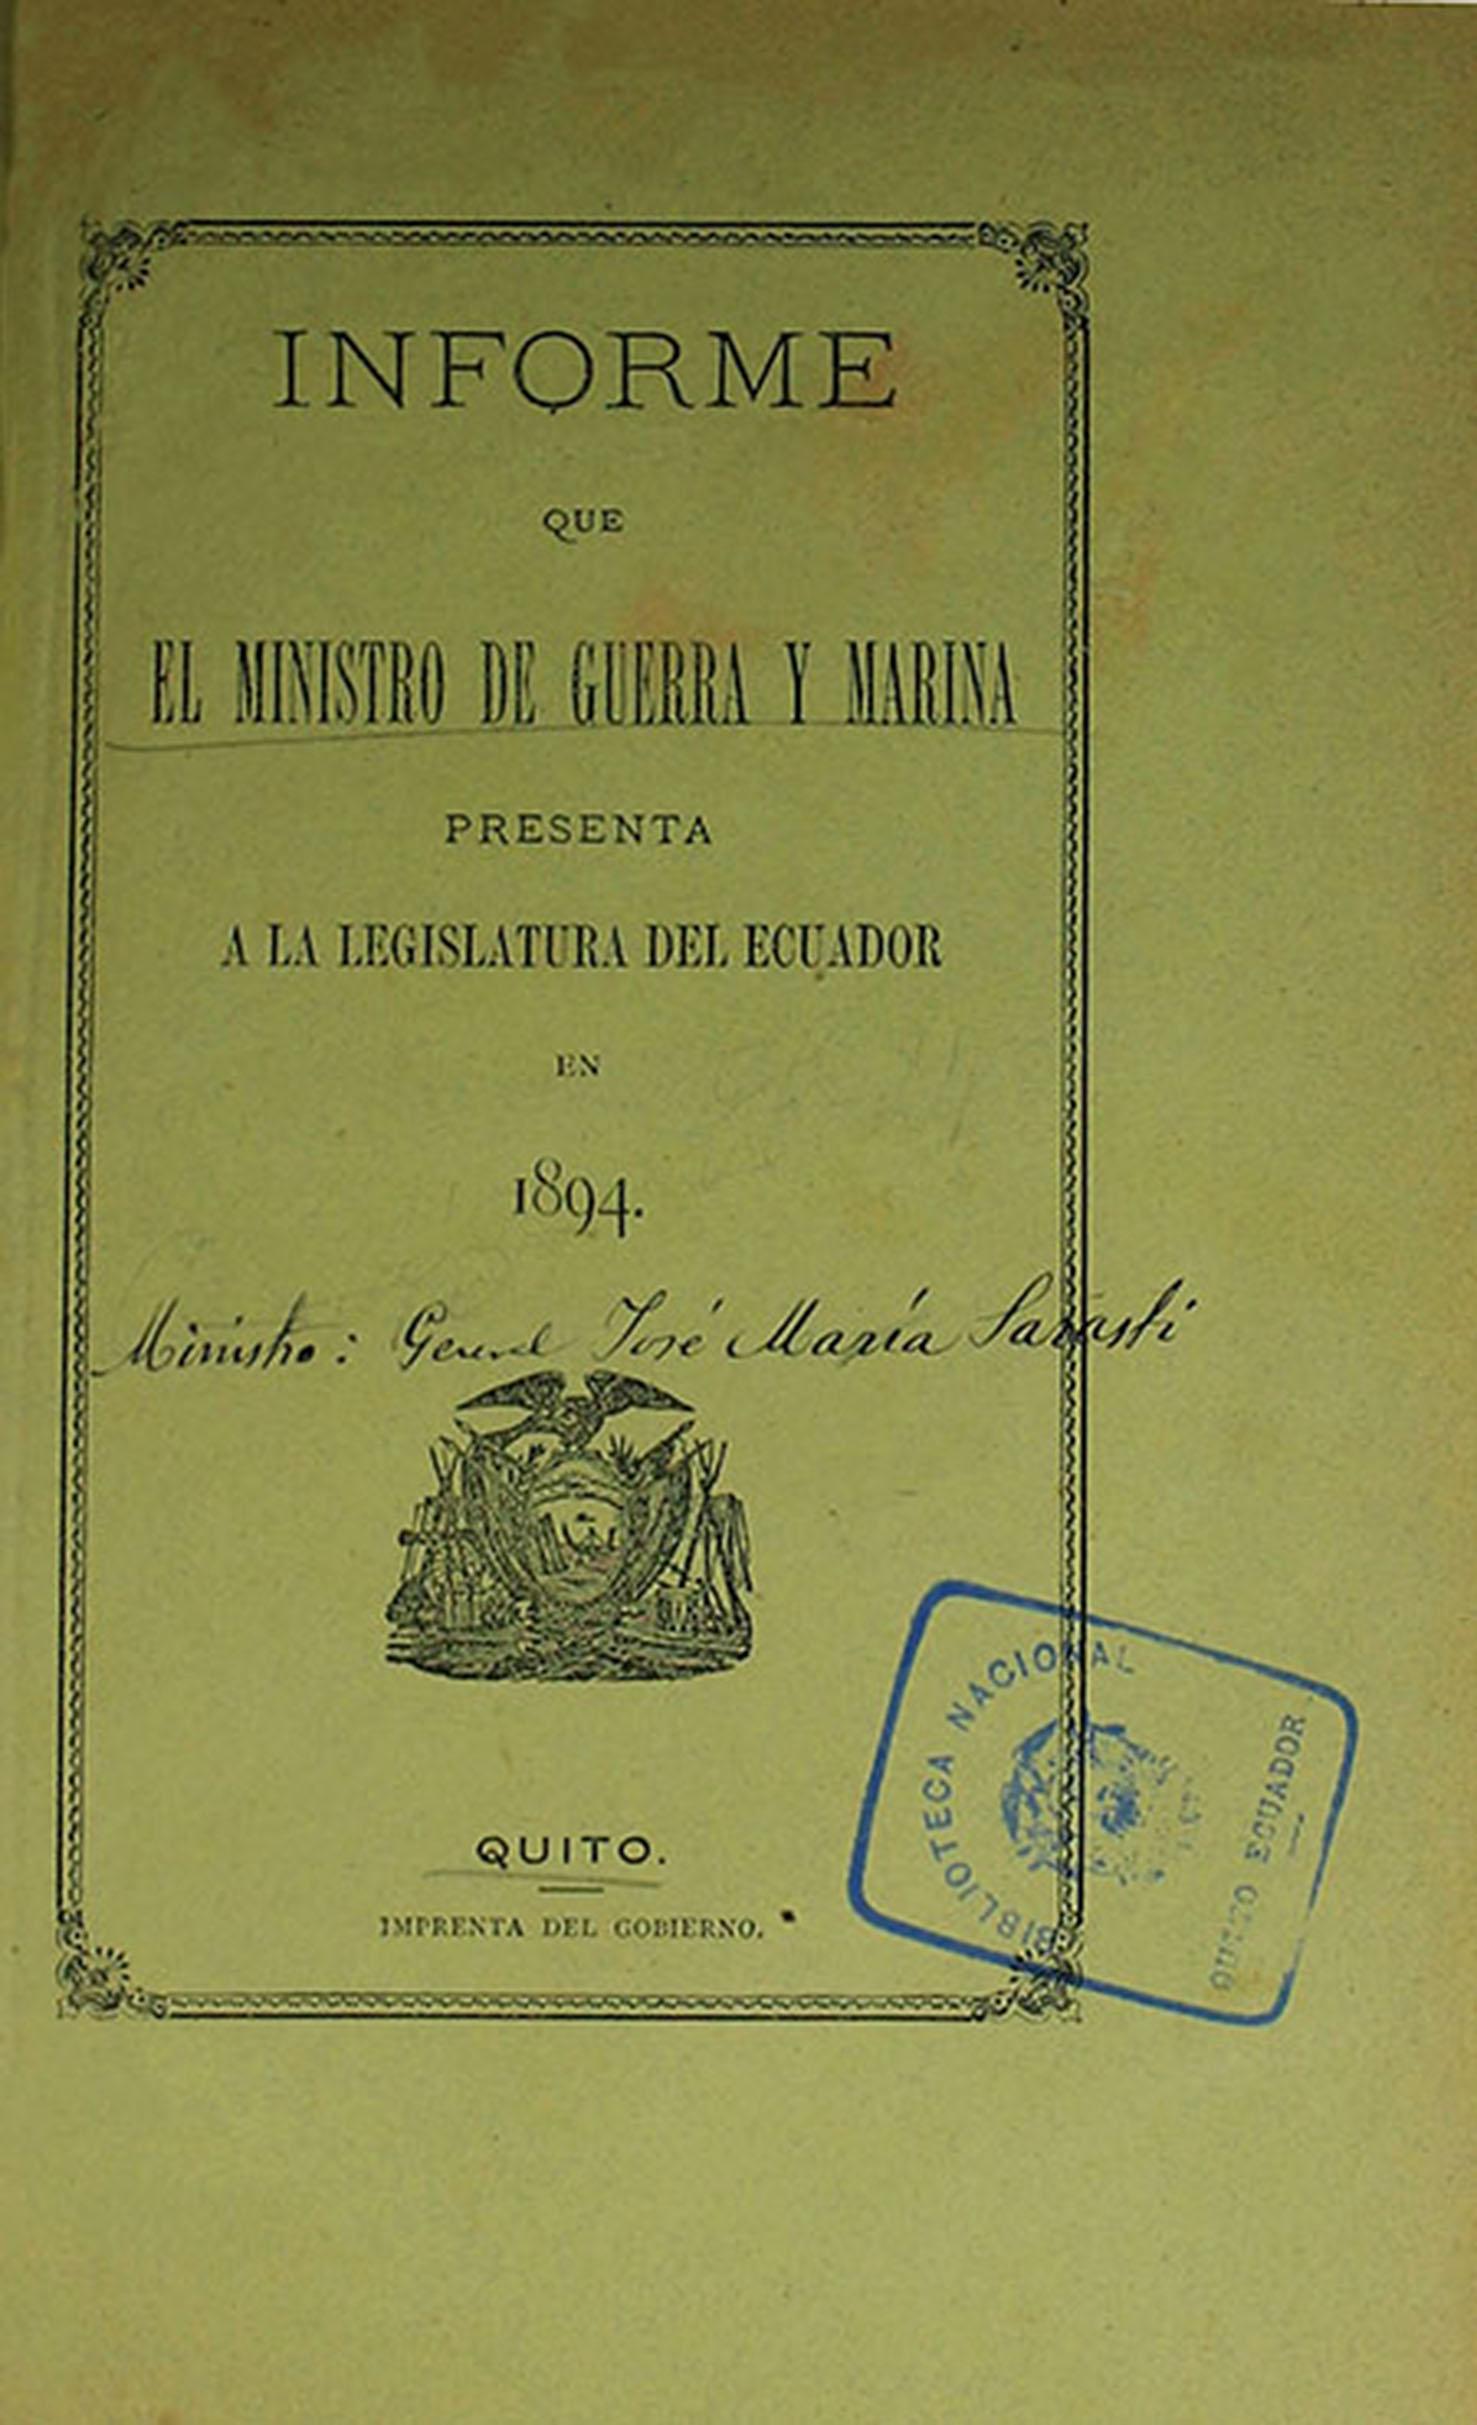 Informe que el Ministro de Guerra y Marina presenta a la Legislatura del Ecuador en 1894 (Folleto).